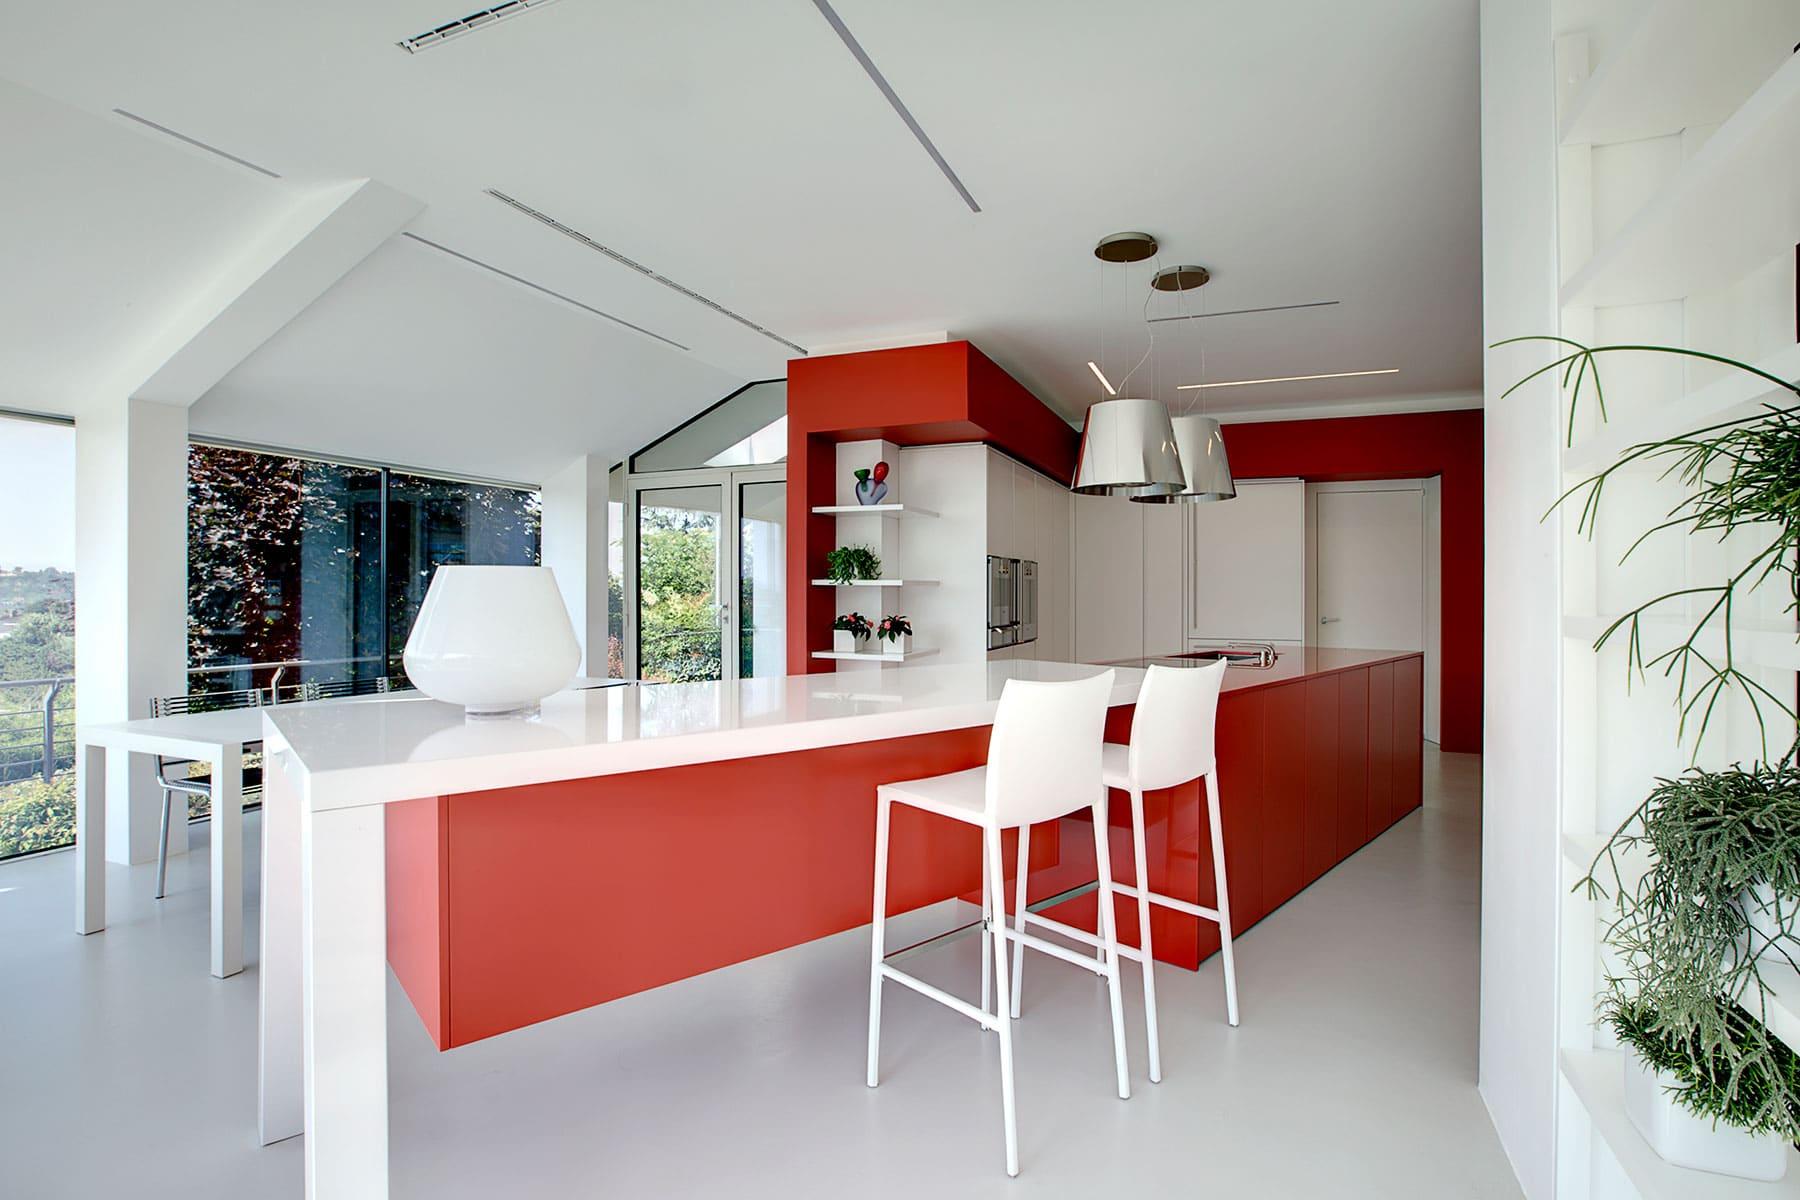 Marcarino ricerca e progetta l'arredamento per tutti gli ambienti della tua casa